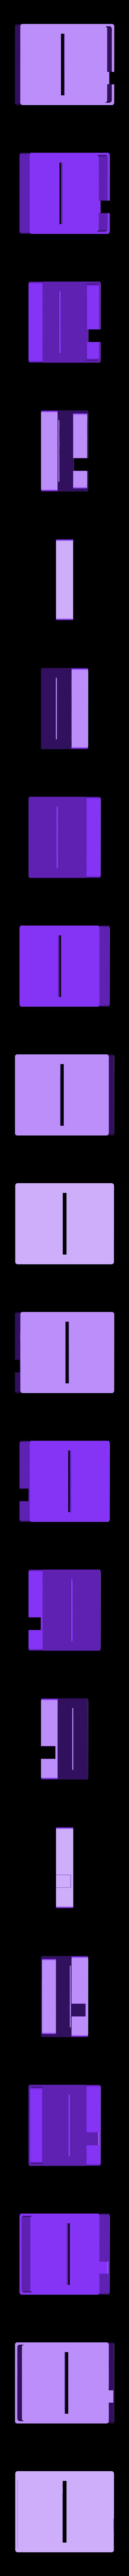 18650.stl Télécharger fichier STL gratuit 18650 renforcement pour le support de batterie • Plan pour imprimante 3D, pgraaff